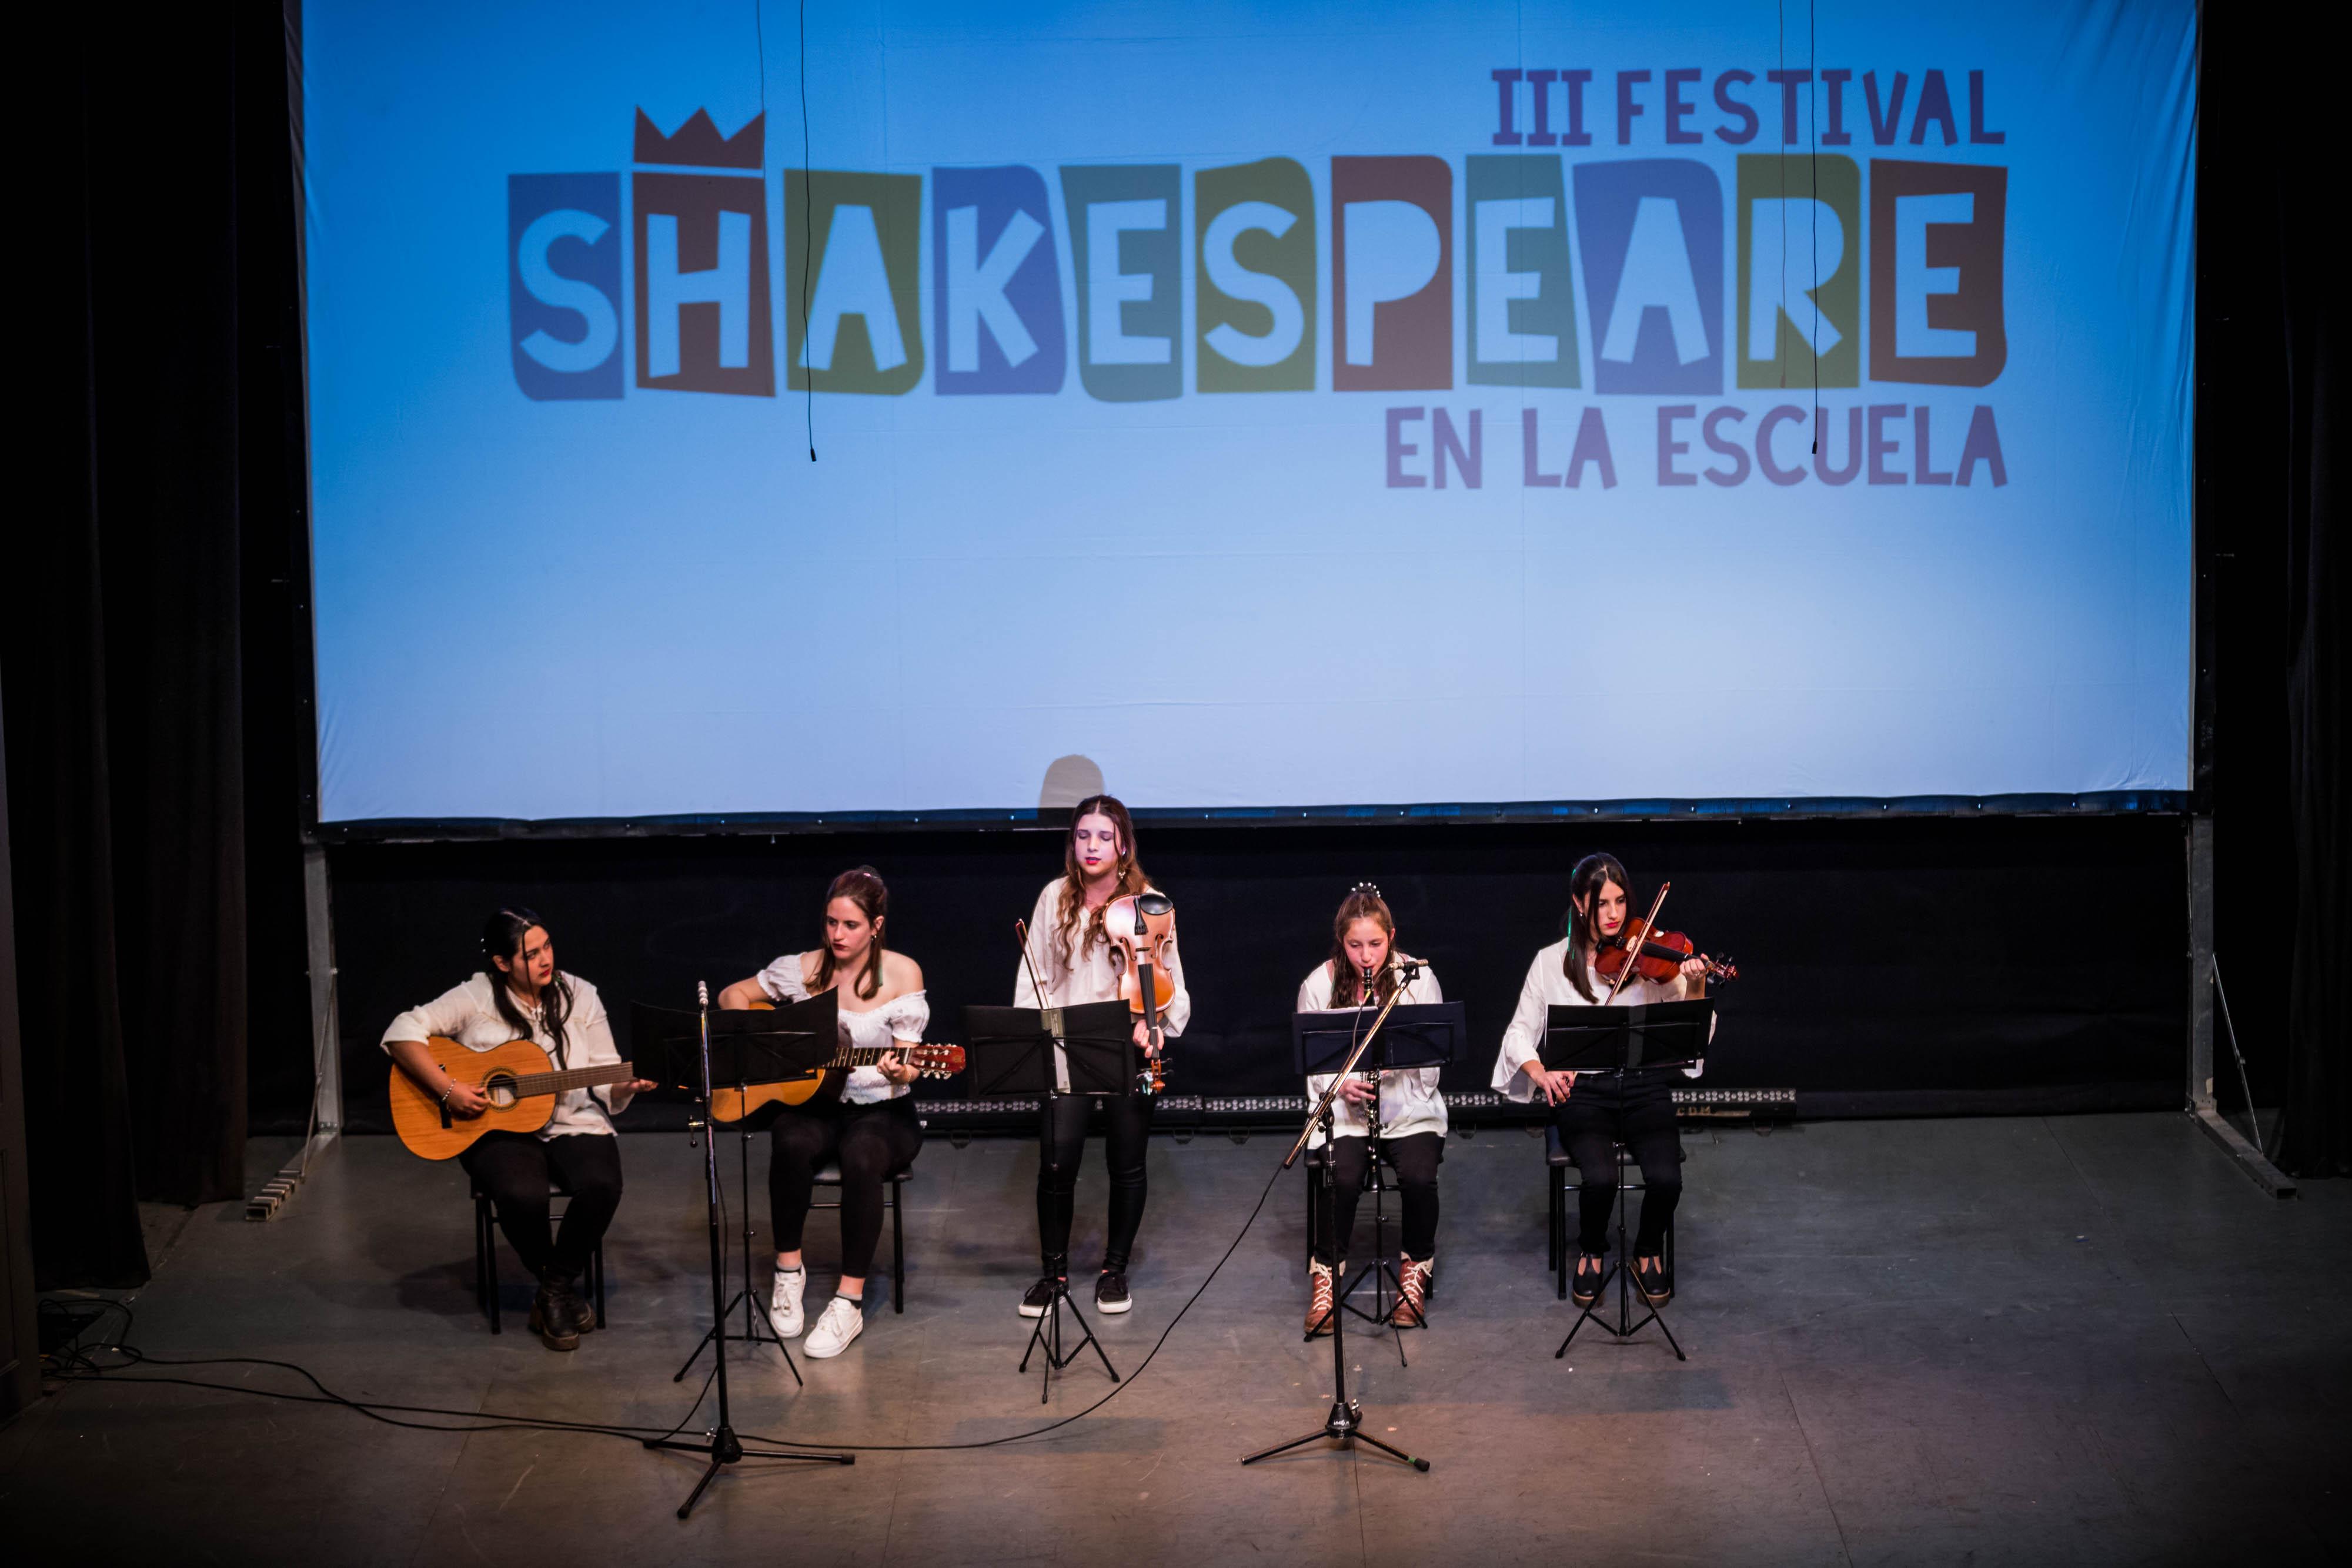 039-Shakespeare en la escuela-050917